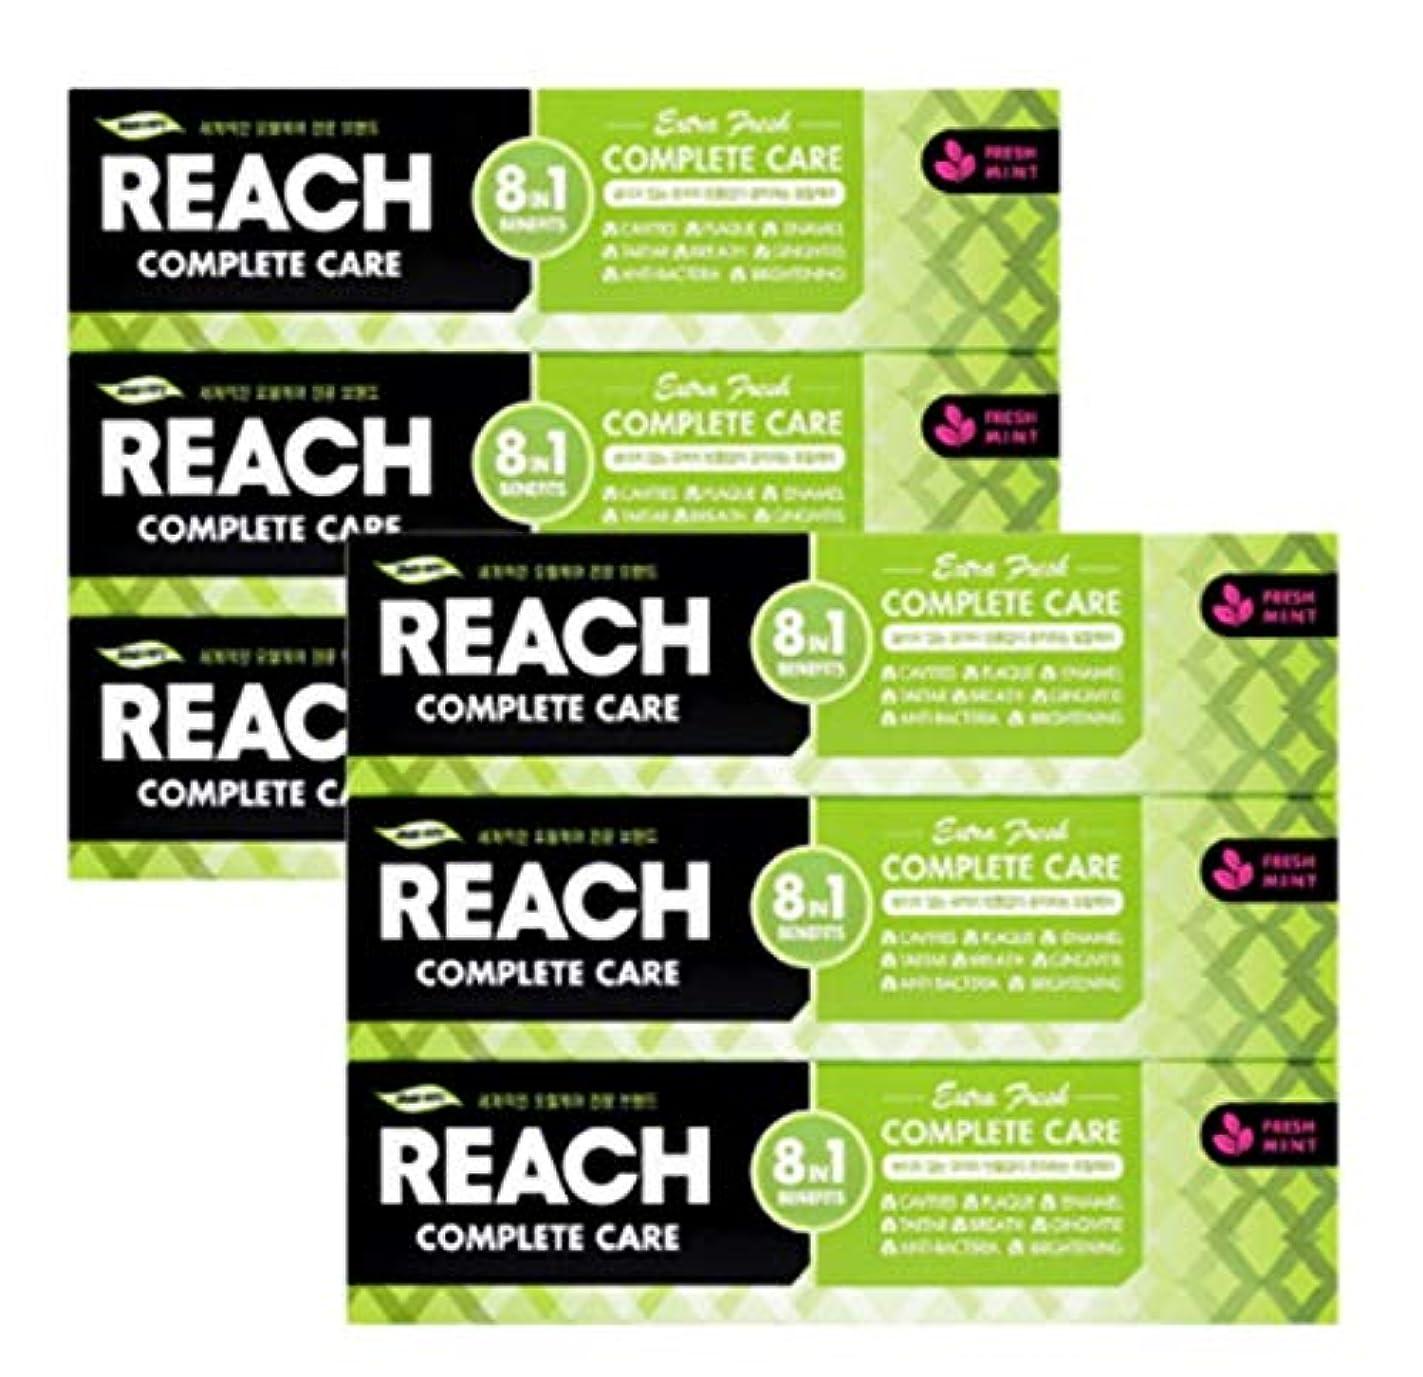 ジレンマかる何[LG生活と健康] LG Rich Complete Care Toothpaste Extra Freshリッチコンプリートケア歯磨き粉エクストラフレッシュ120gx6つの(海外直送品)